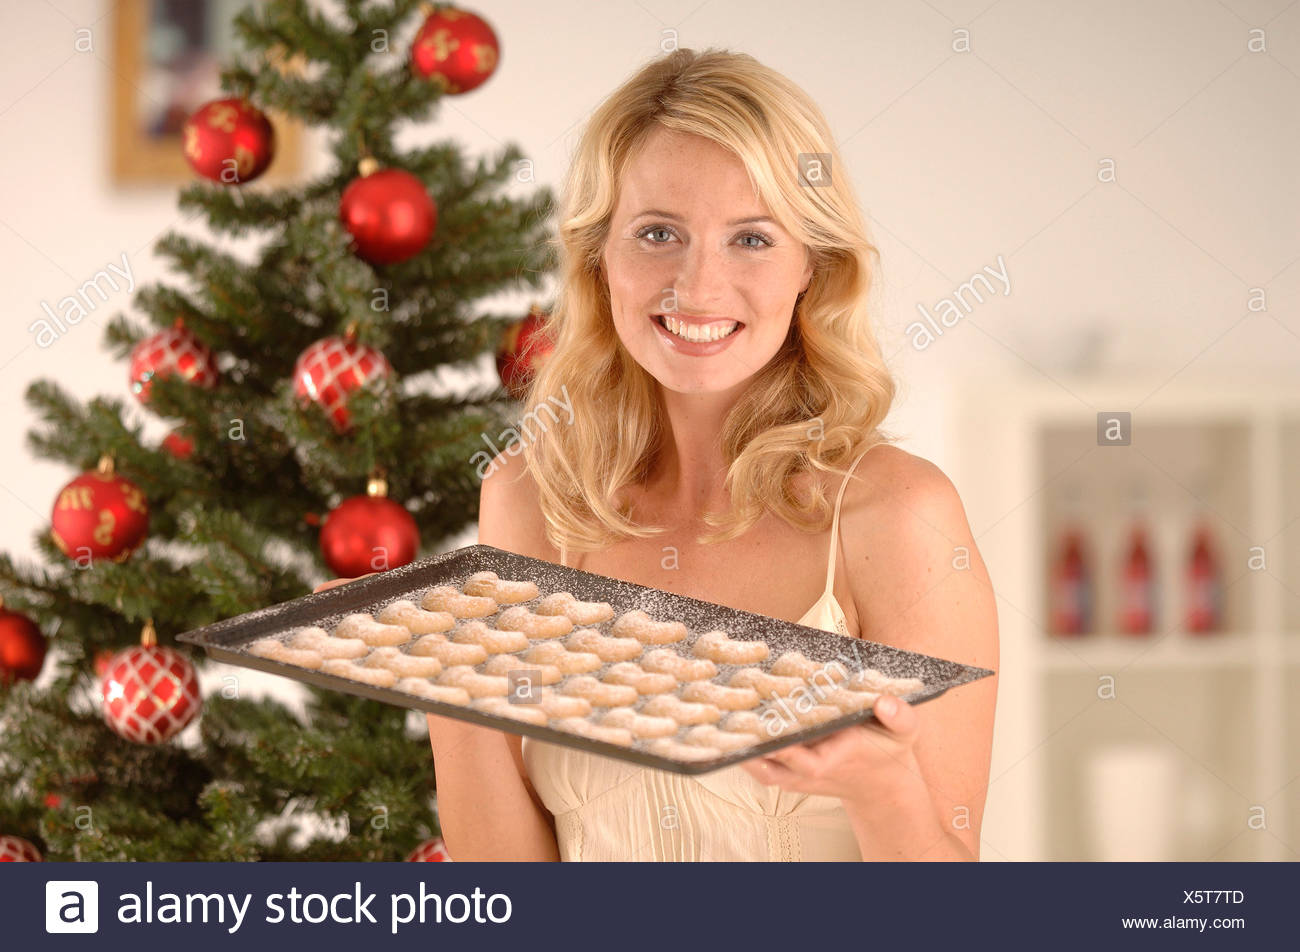 Femme blonde, 20-30, portant une robe de soirée tout en tenant une plaque de cuisson avec des biscuits de Noël en face d'un arbre de Noël Photo Stock